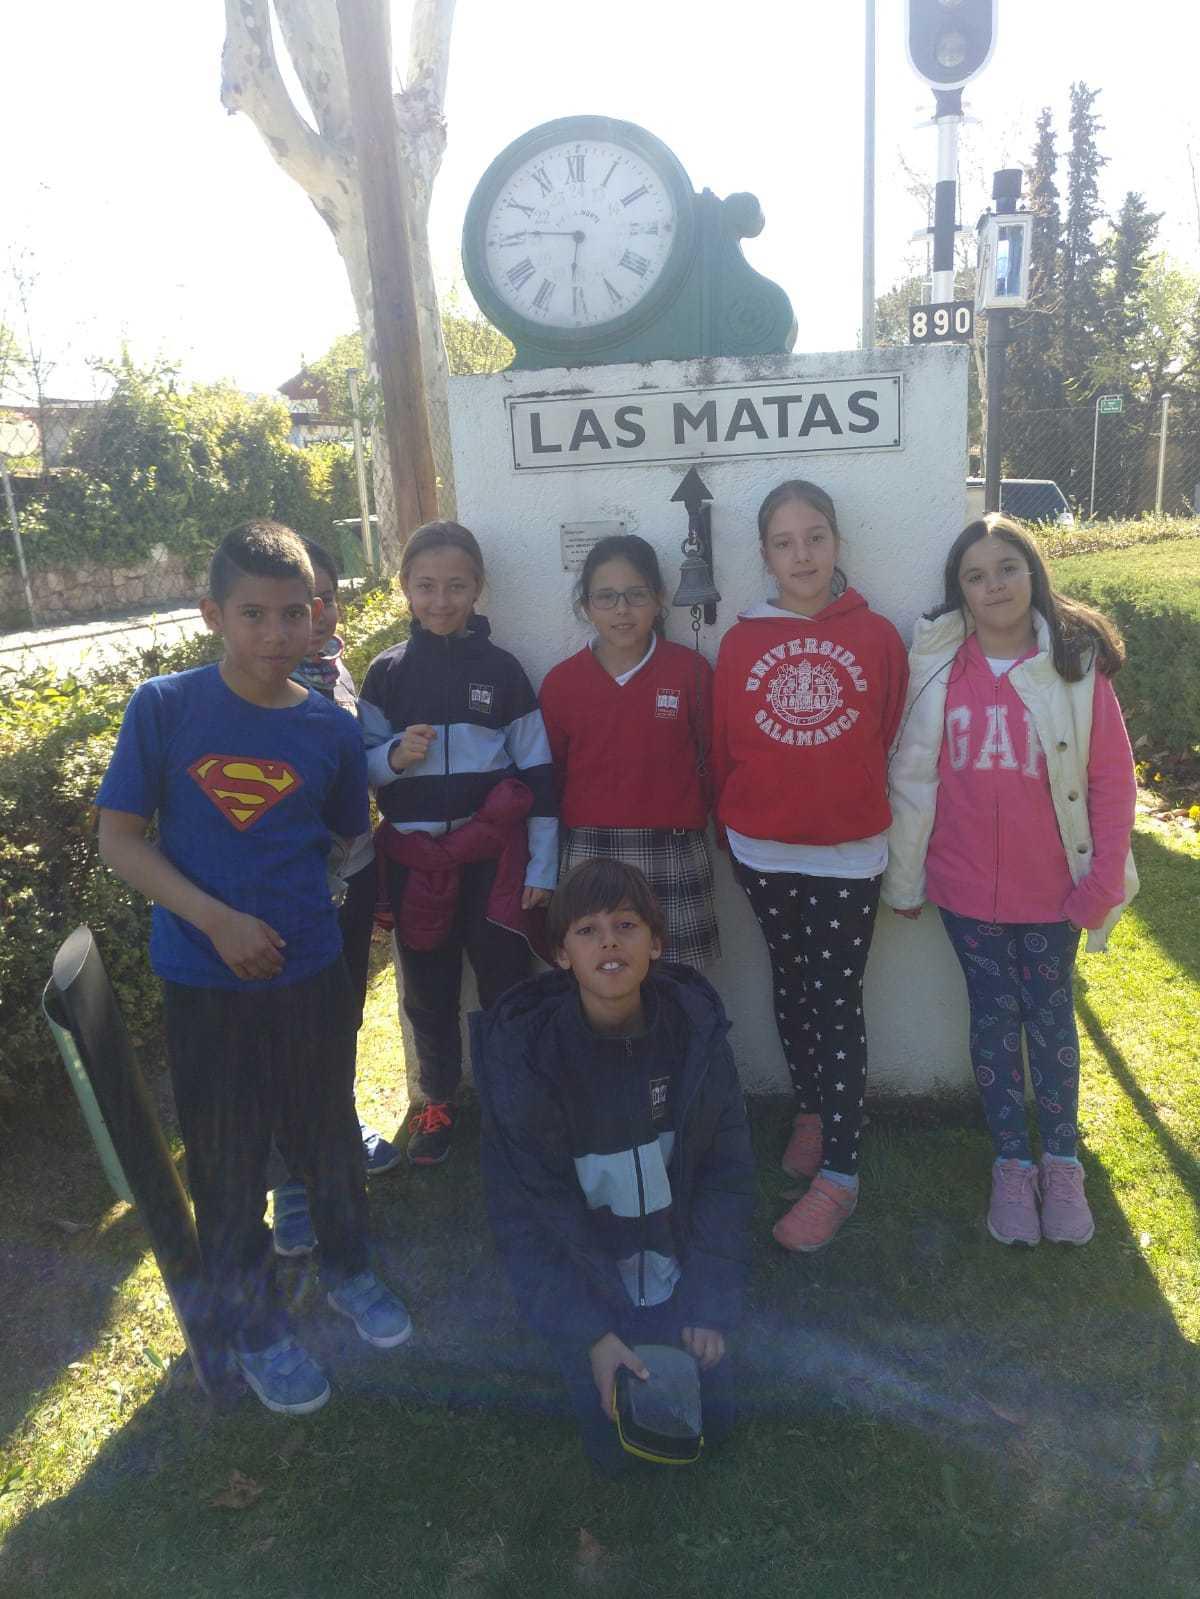 2019_03_15_Cuarto B visita el Museo del Ferrocarril de Las Matas_CEIP FDLR_Las Rozas